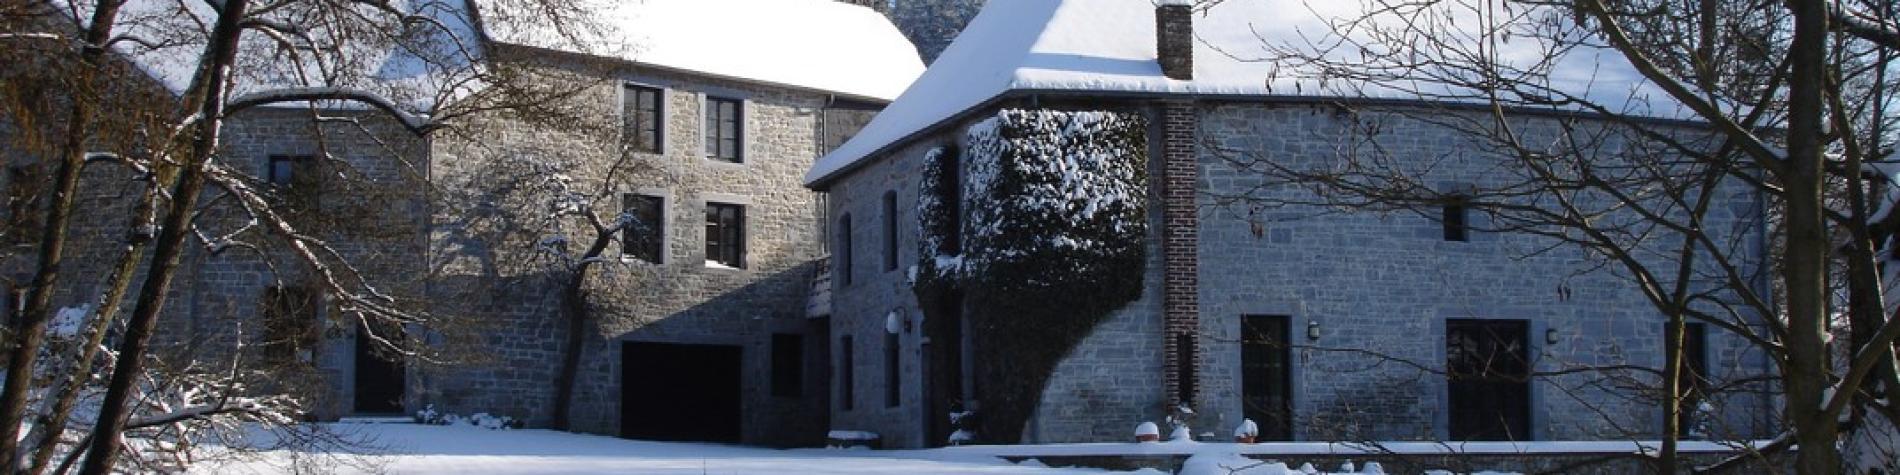 Gîtes du Moulin - Le Fenil - Treignes